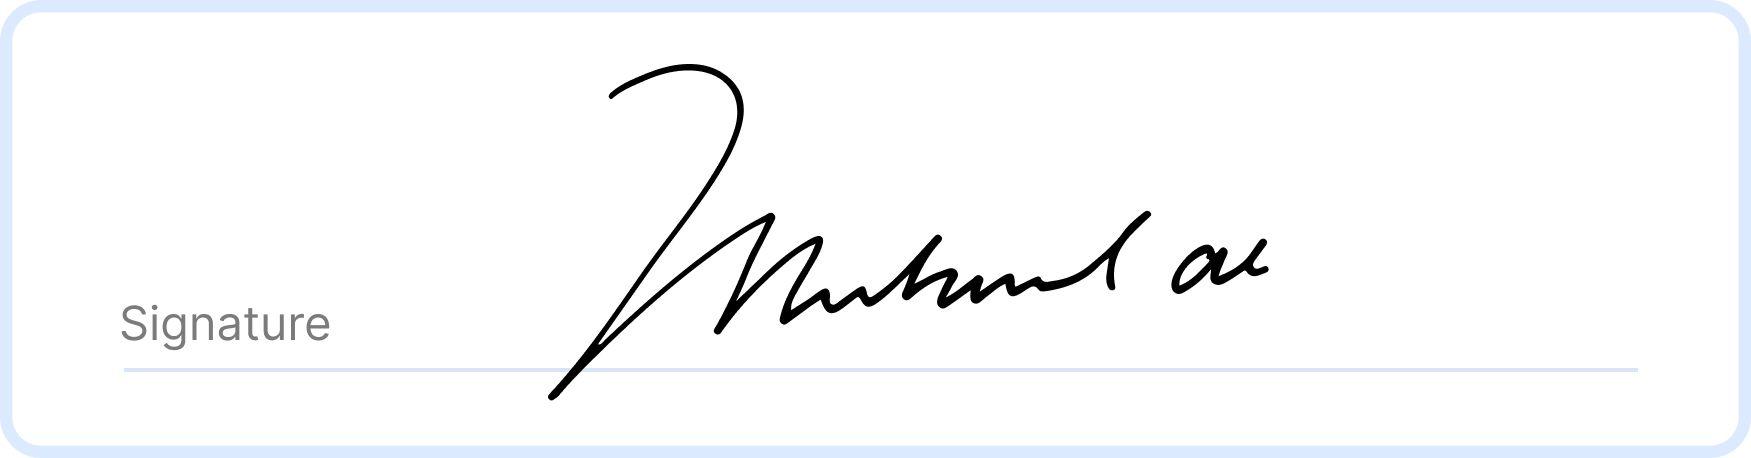 risk assessment signature.jpg